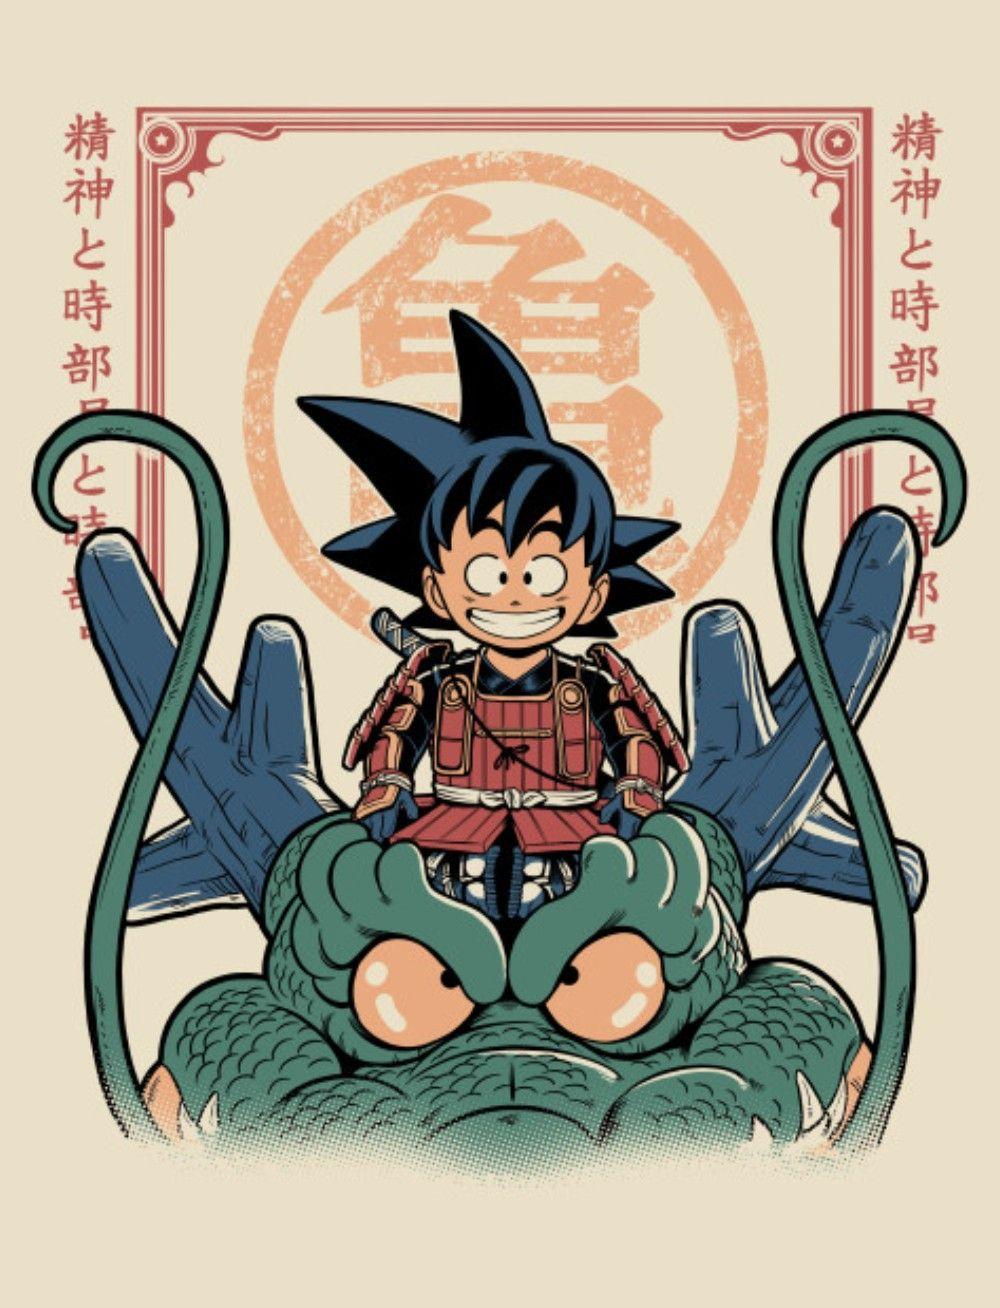 goku son 1978 おしゃれまとめの人気アイデア pinterest rafael correa アニメチビ